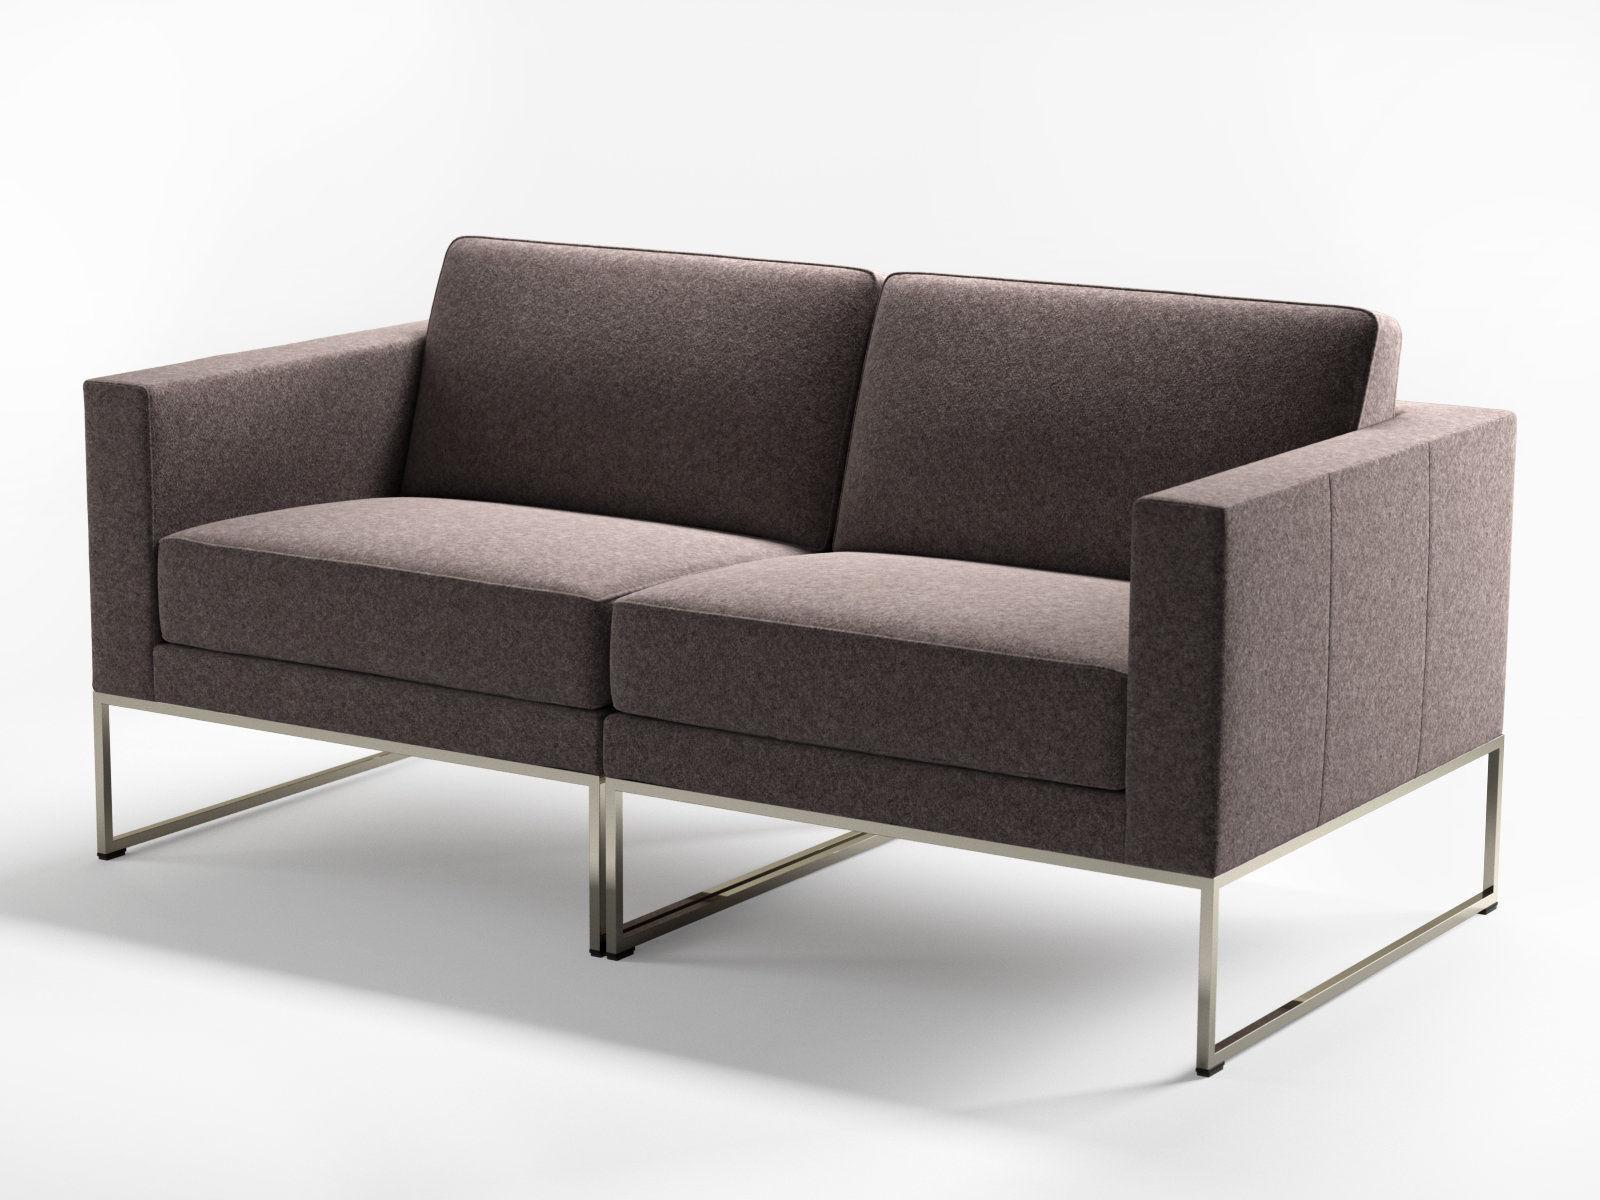 DS 160 Sofa